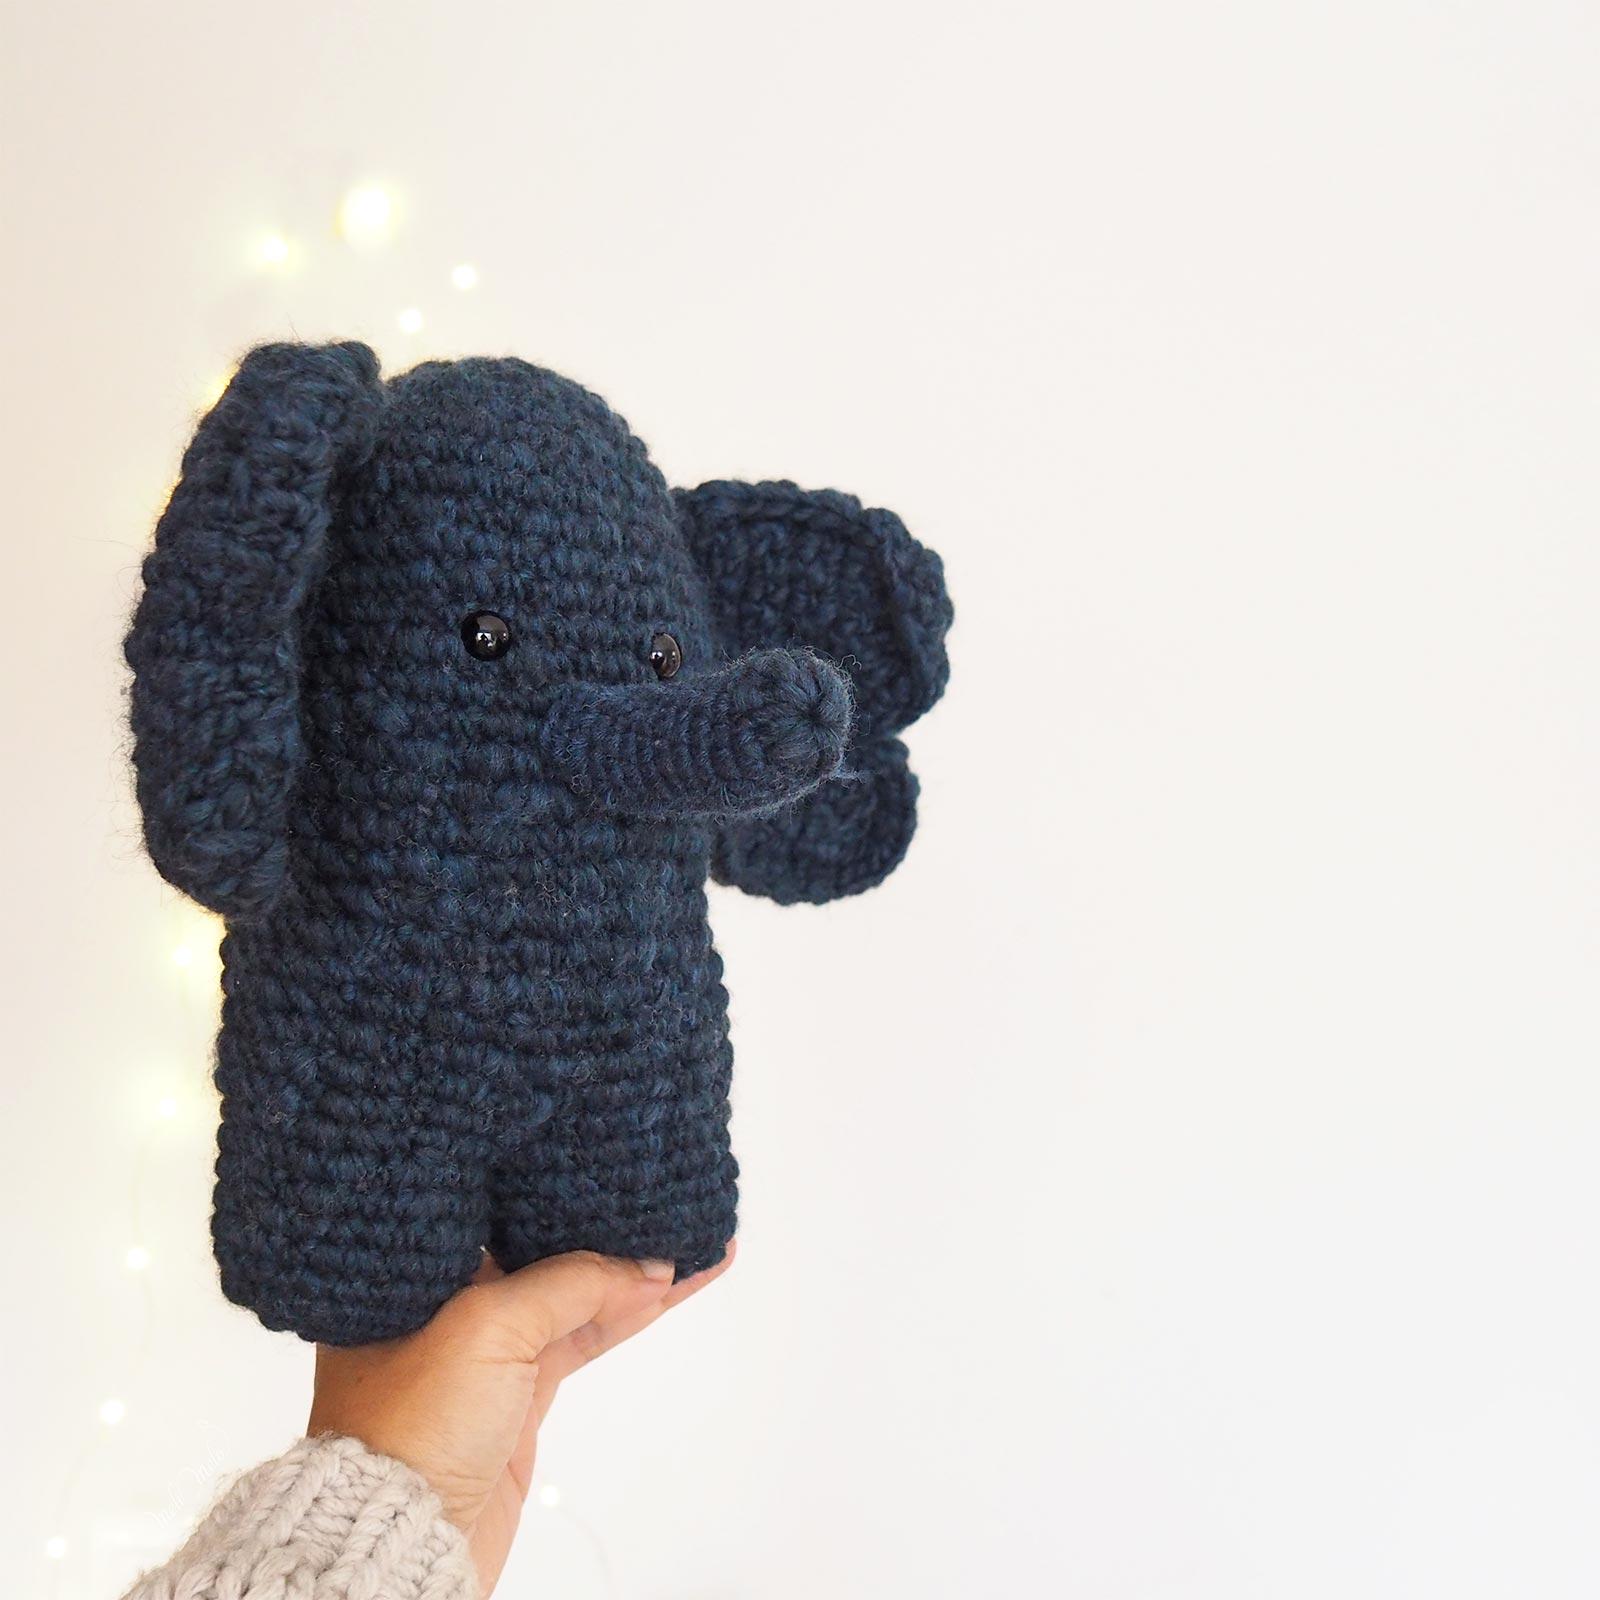 doudou edgar éléphant bleu nuit doux crochet idée cadeau mignonnerie laboutiquedemelimelo